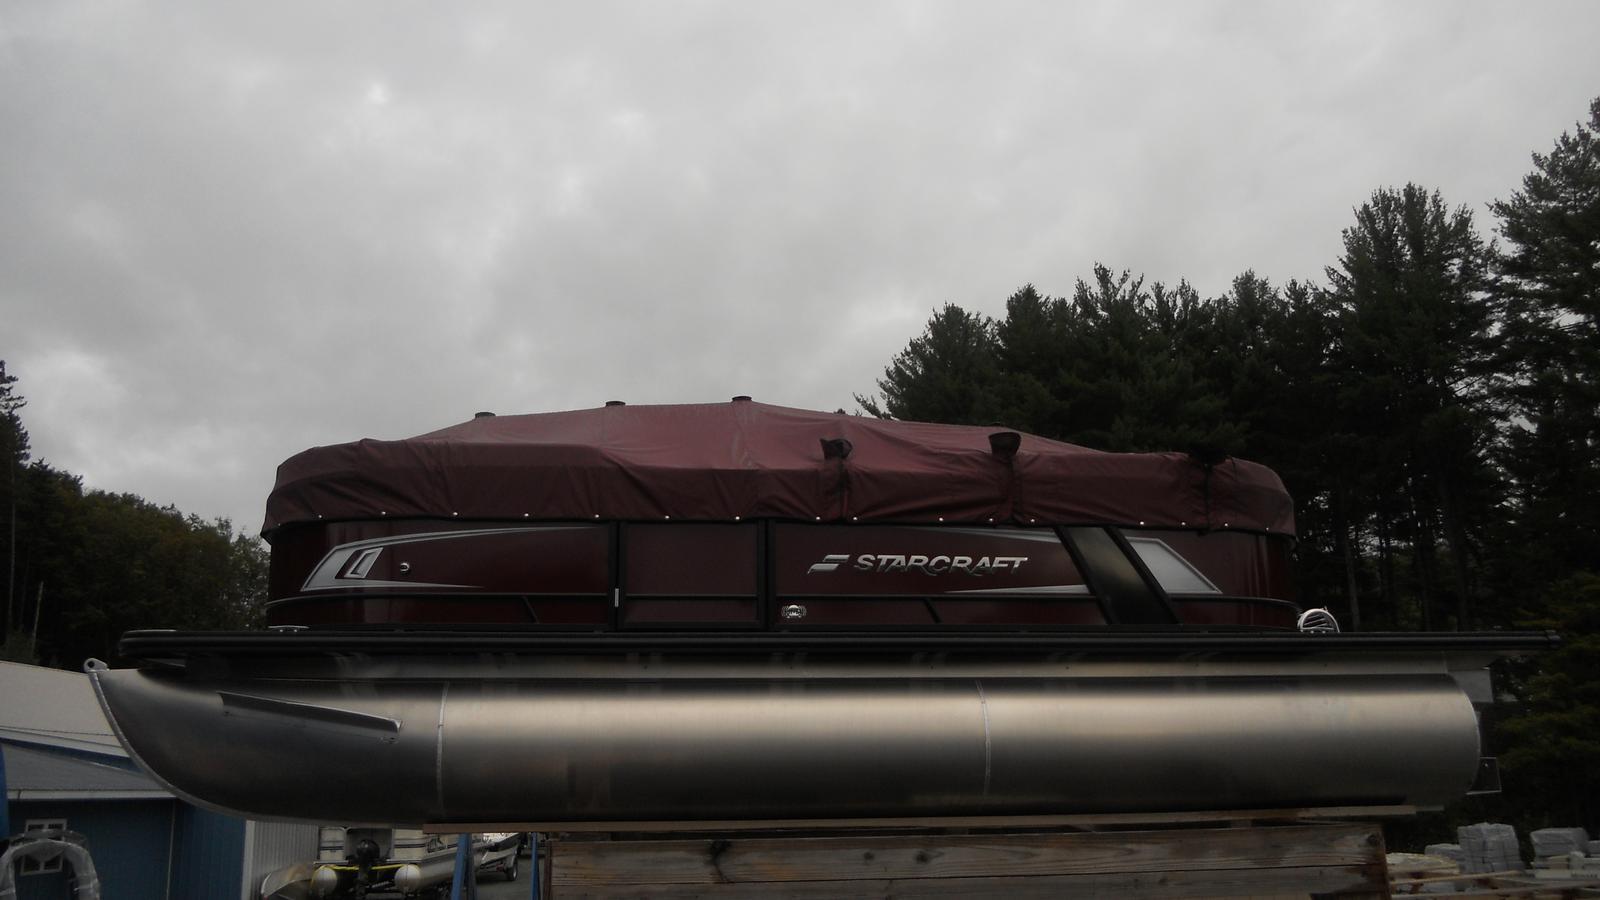 Starcraft EXS-1 TRI-TOON